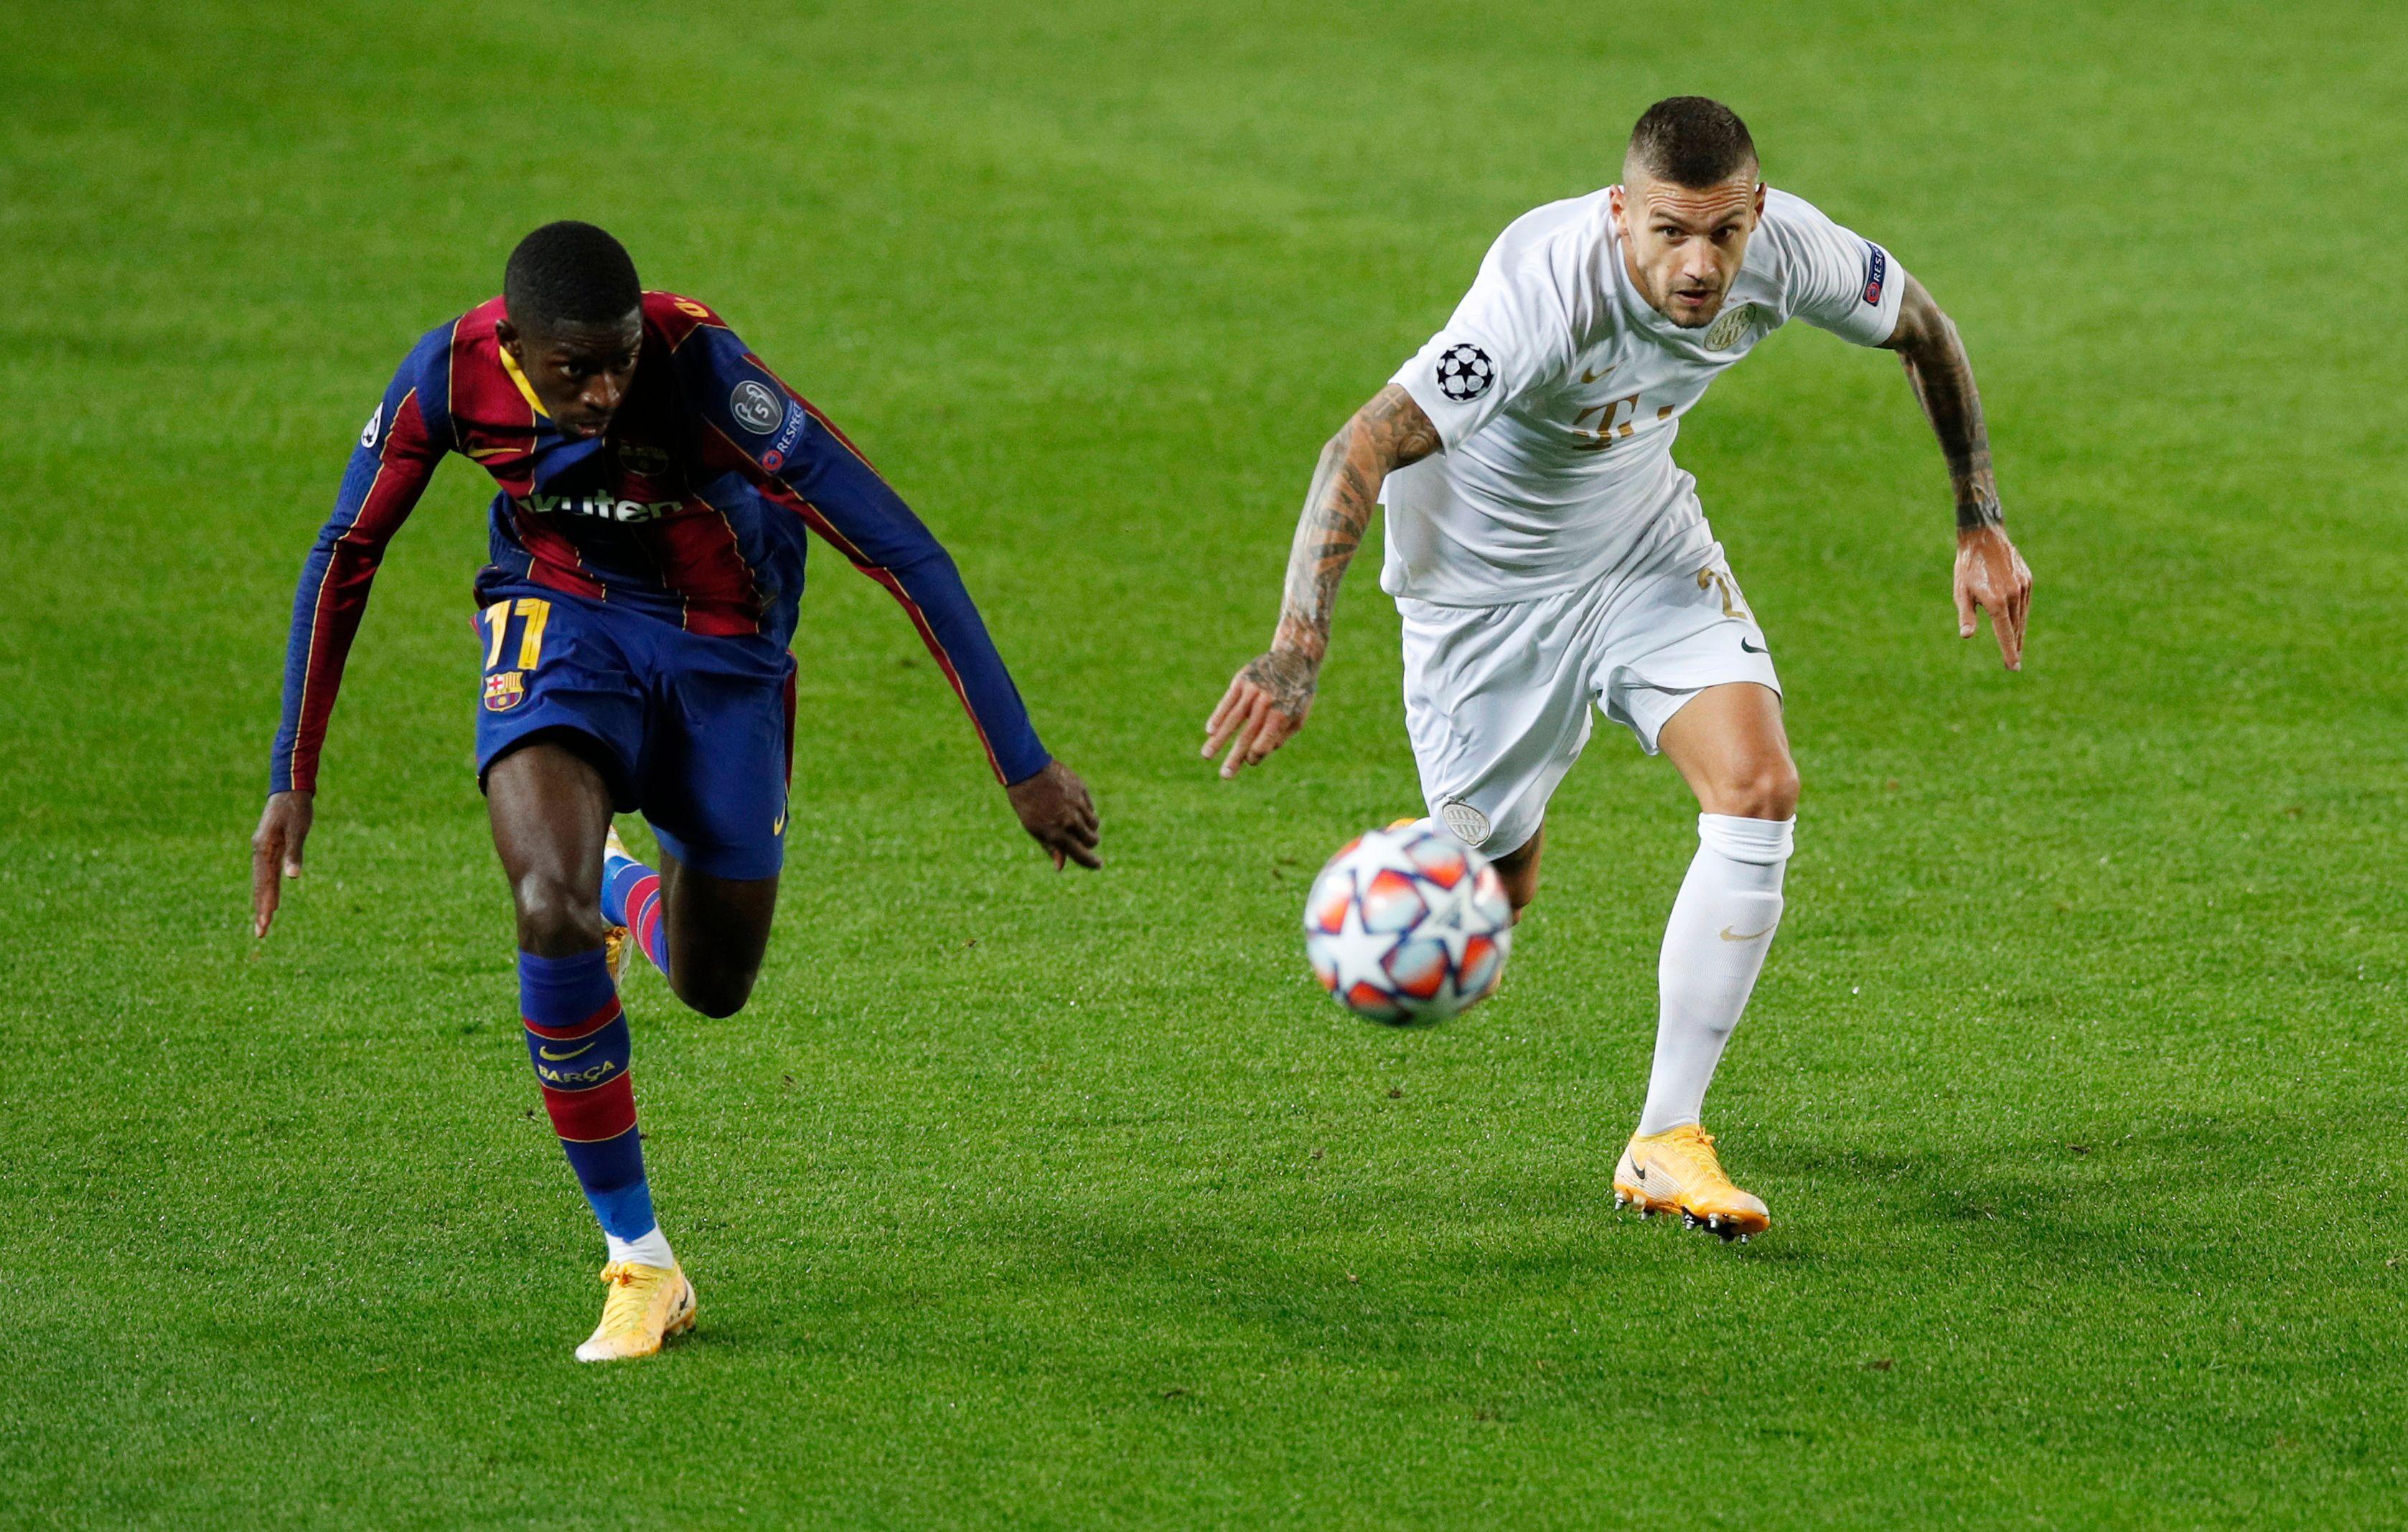 Barça : Dembélé décisif, Griezmann cloué sur le banc - Ligue des champions - Football